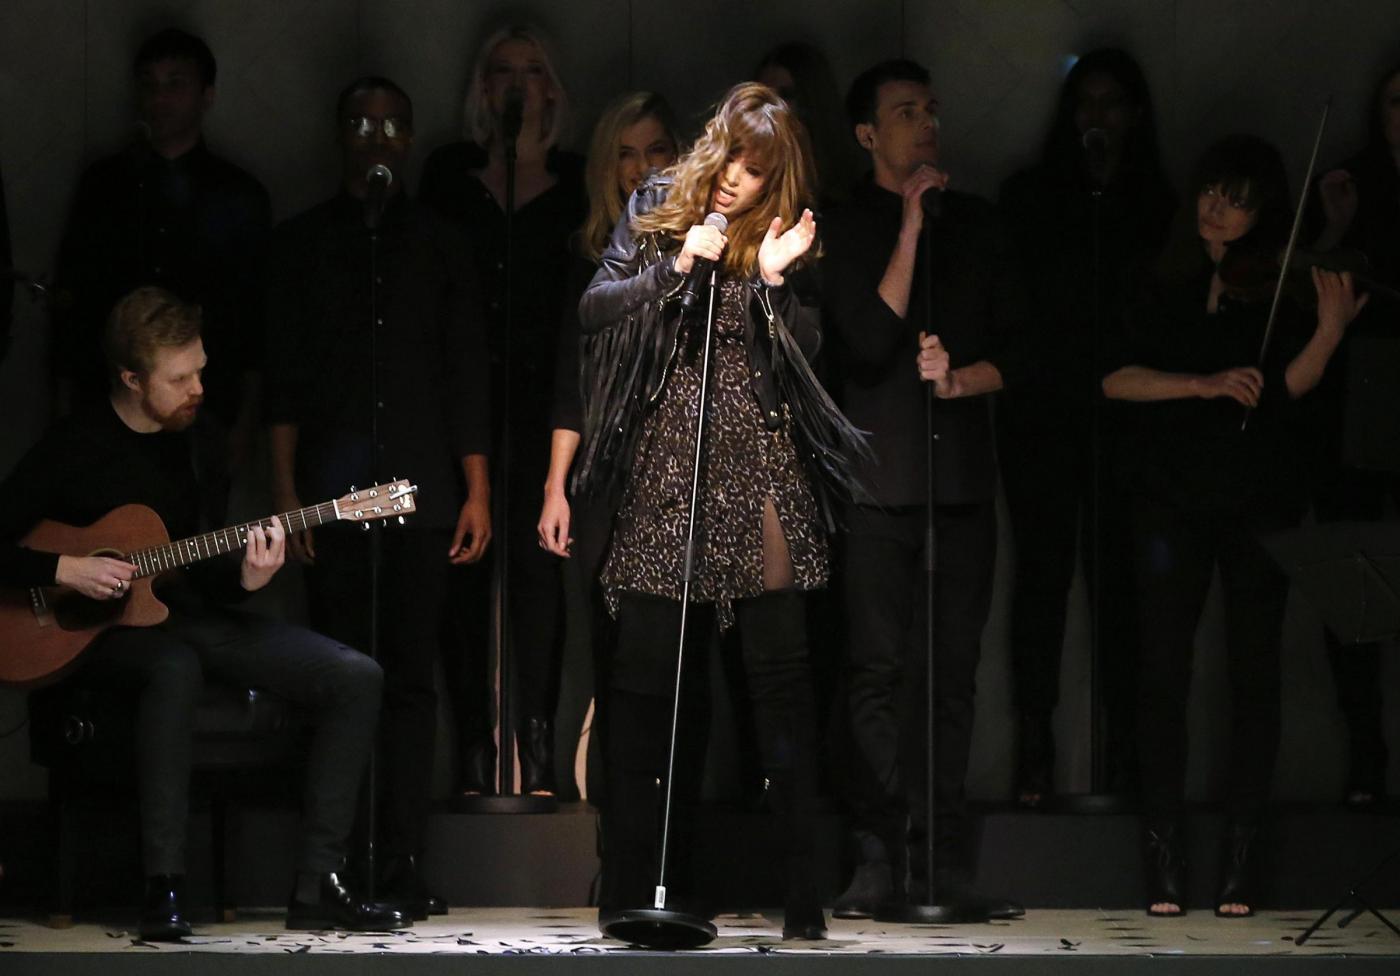 La Presse/Reuters- la cantante Clare Maguire